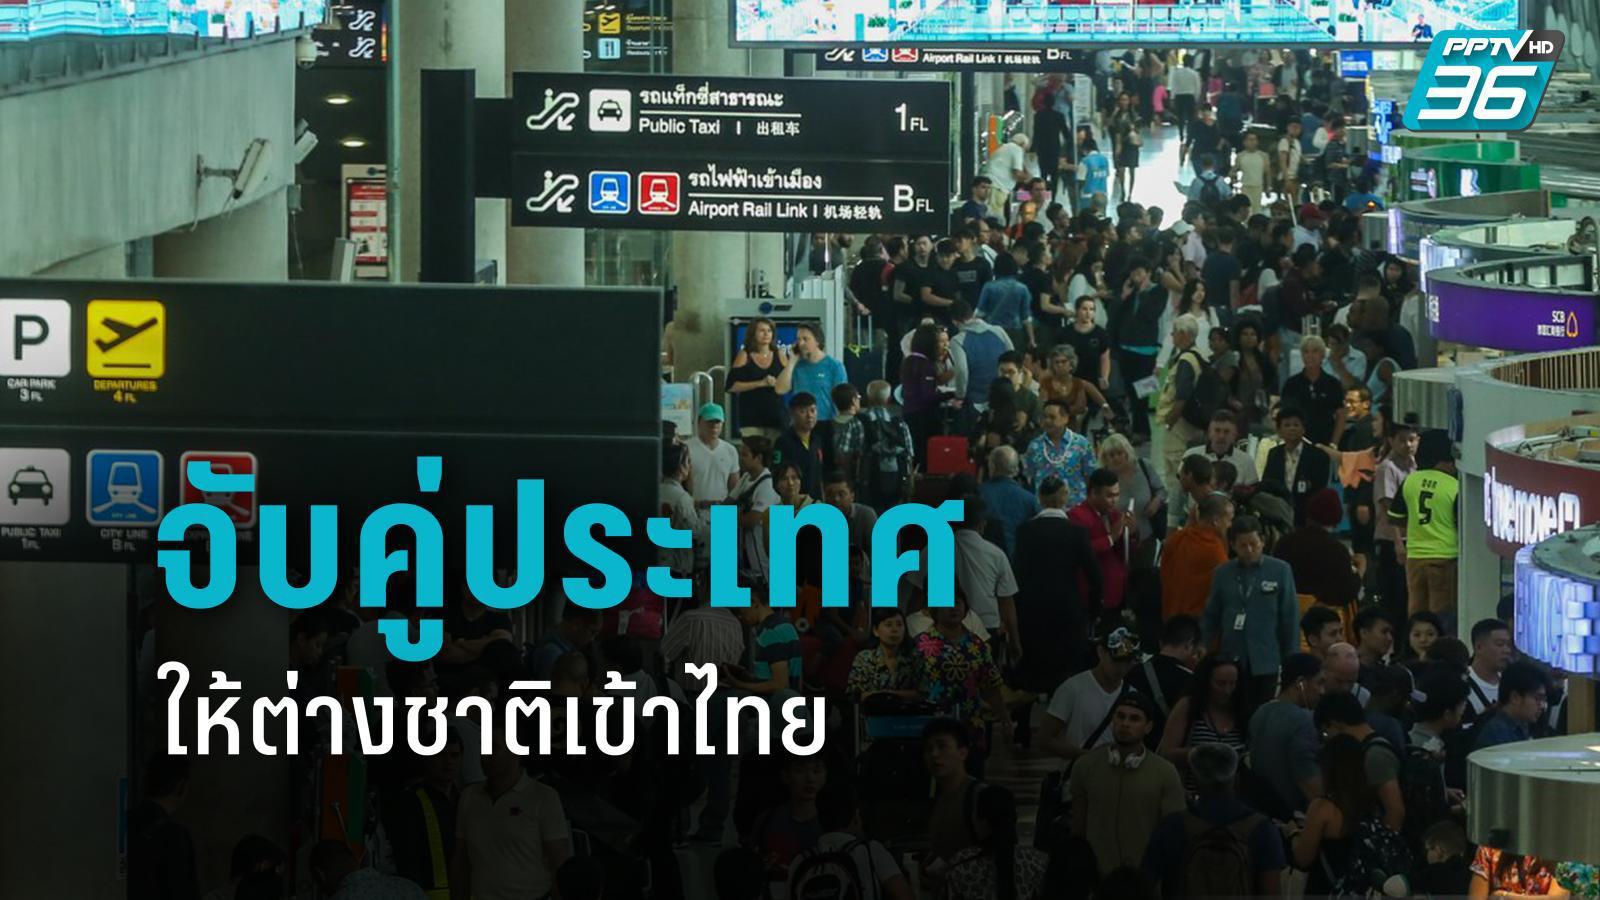 """ศบค. ไฟเขียว """"จับคู่ประเทศ"""" ต่างชาติเข้าไทย ไม่ต้องกักตัว 14 วัน รอแผนจาก 4 กระทรวง"""